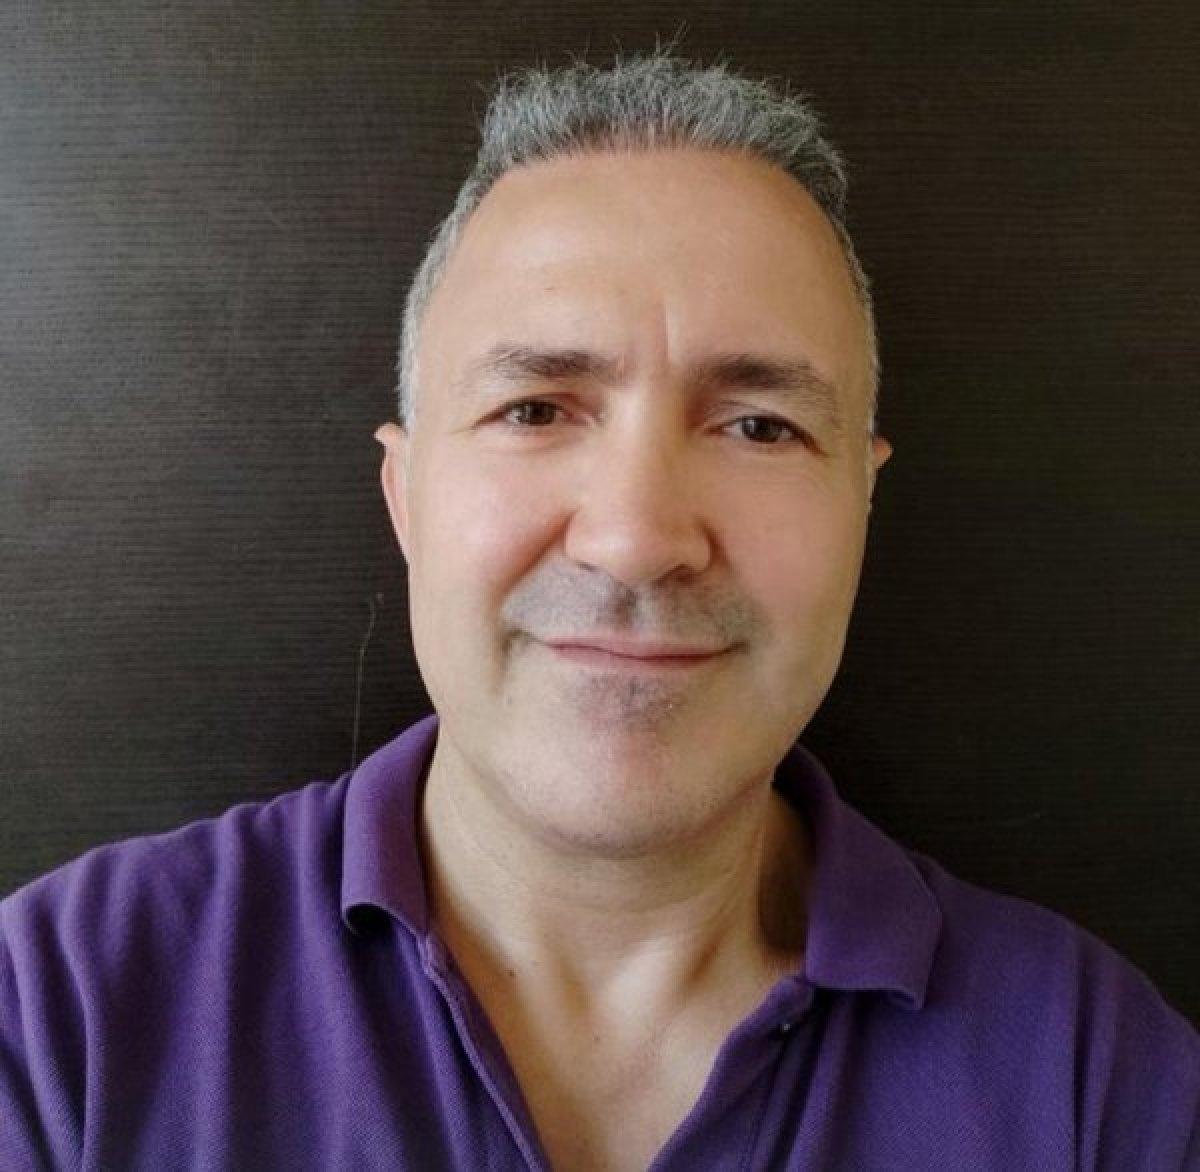 Hakkari İl Emniyet Müdür Yardımcısı Hasan Cevher e makamında silahlı saldırı #1